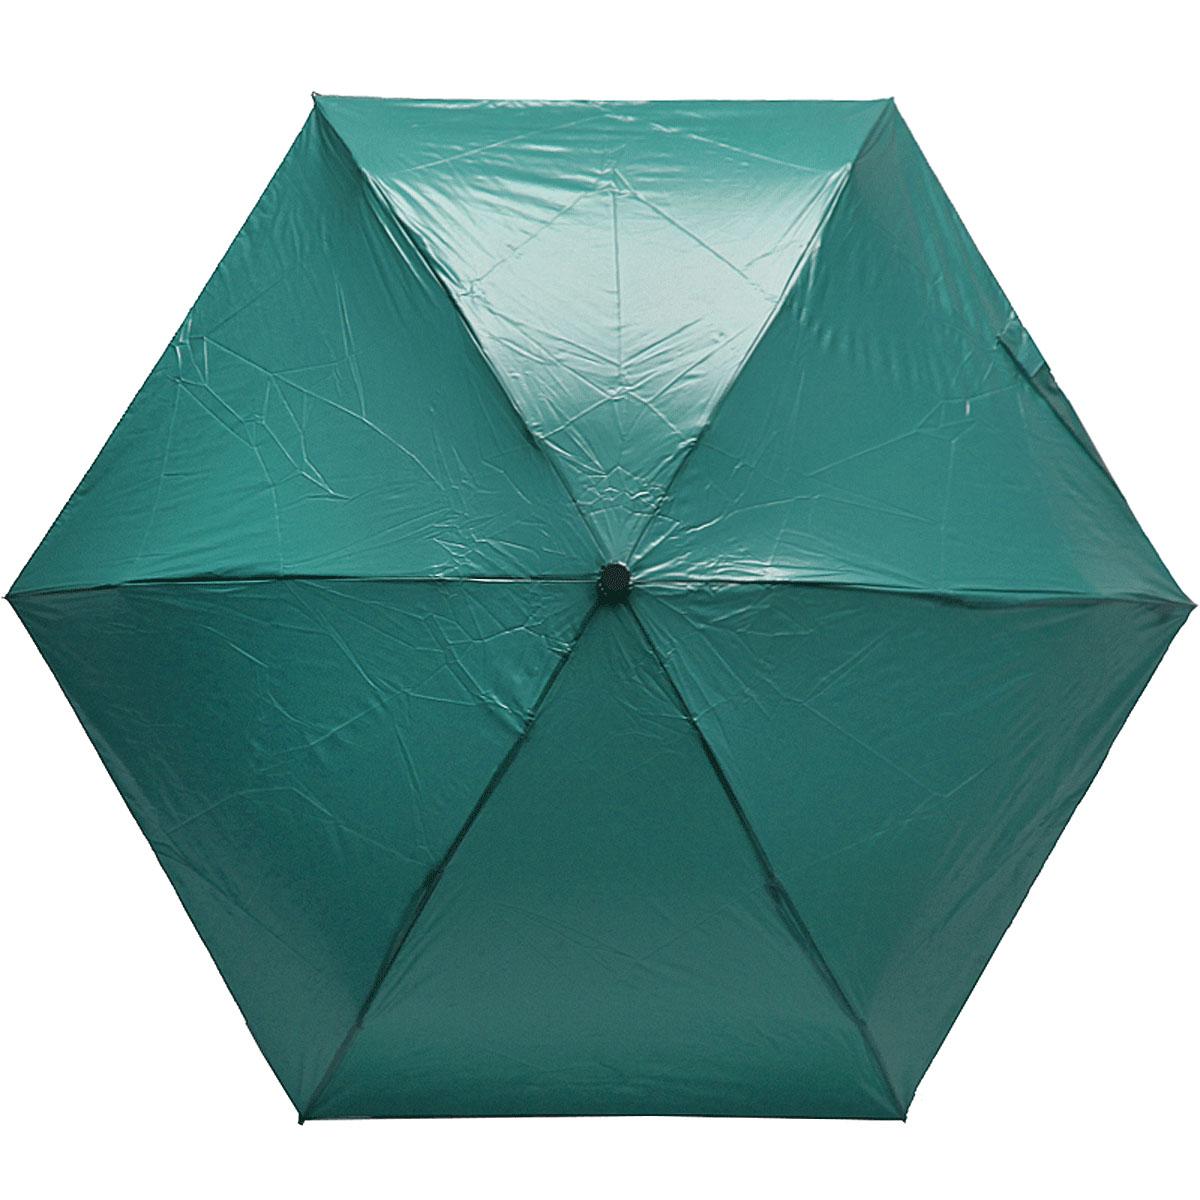 Зонт женский Vogue, цвет: зеленый. 454V-3 цена и фото